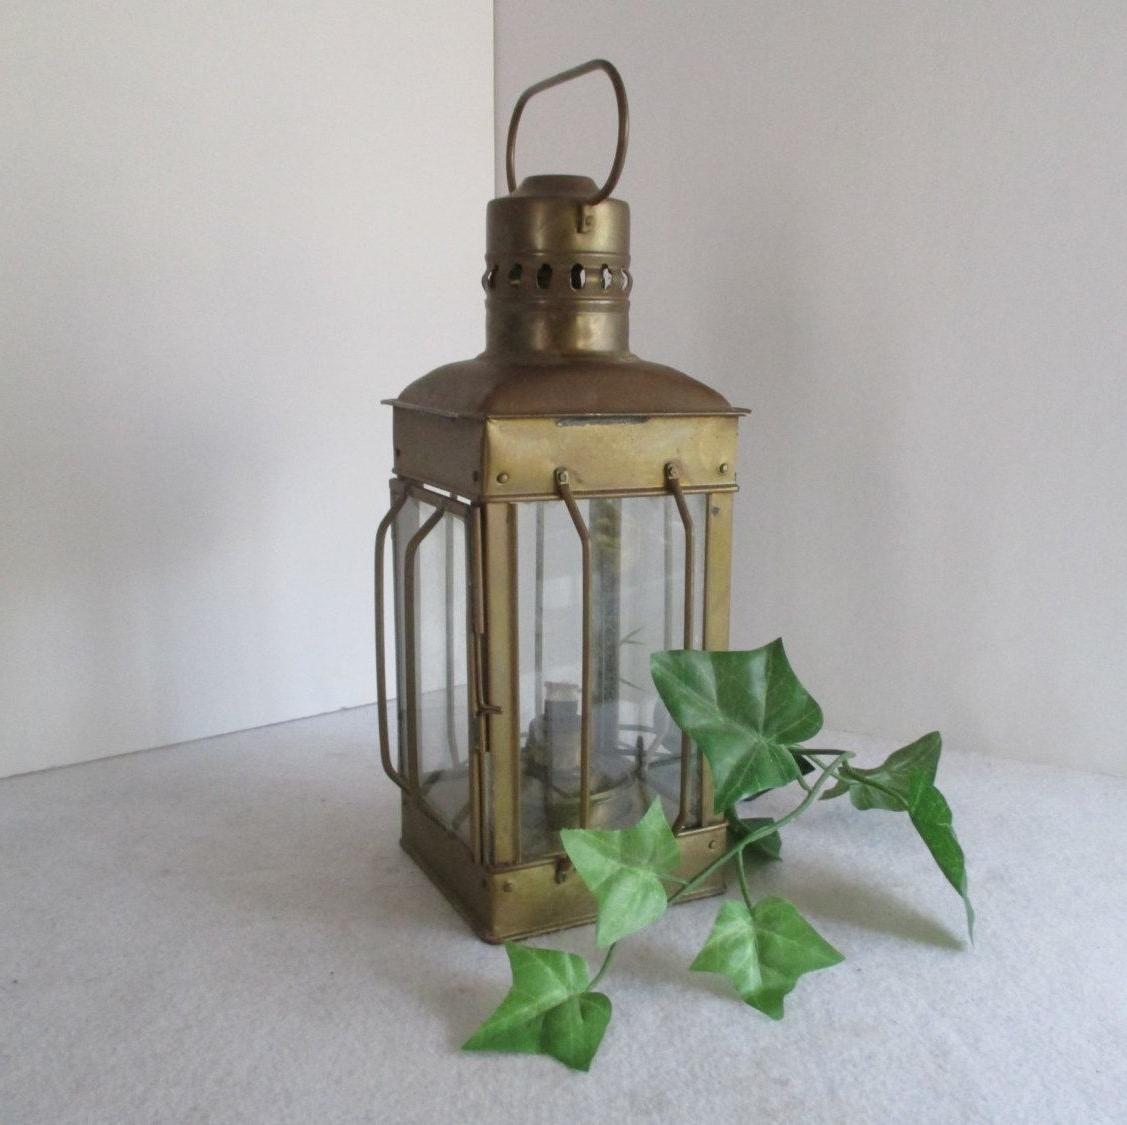 Popular Etsy Outdoor Lanterns Regarding Lantern, Vintage Alcohol Or Candle Hurricane Lamp, Metal, Hanging (View 17 of 20)